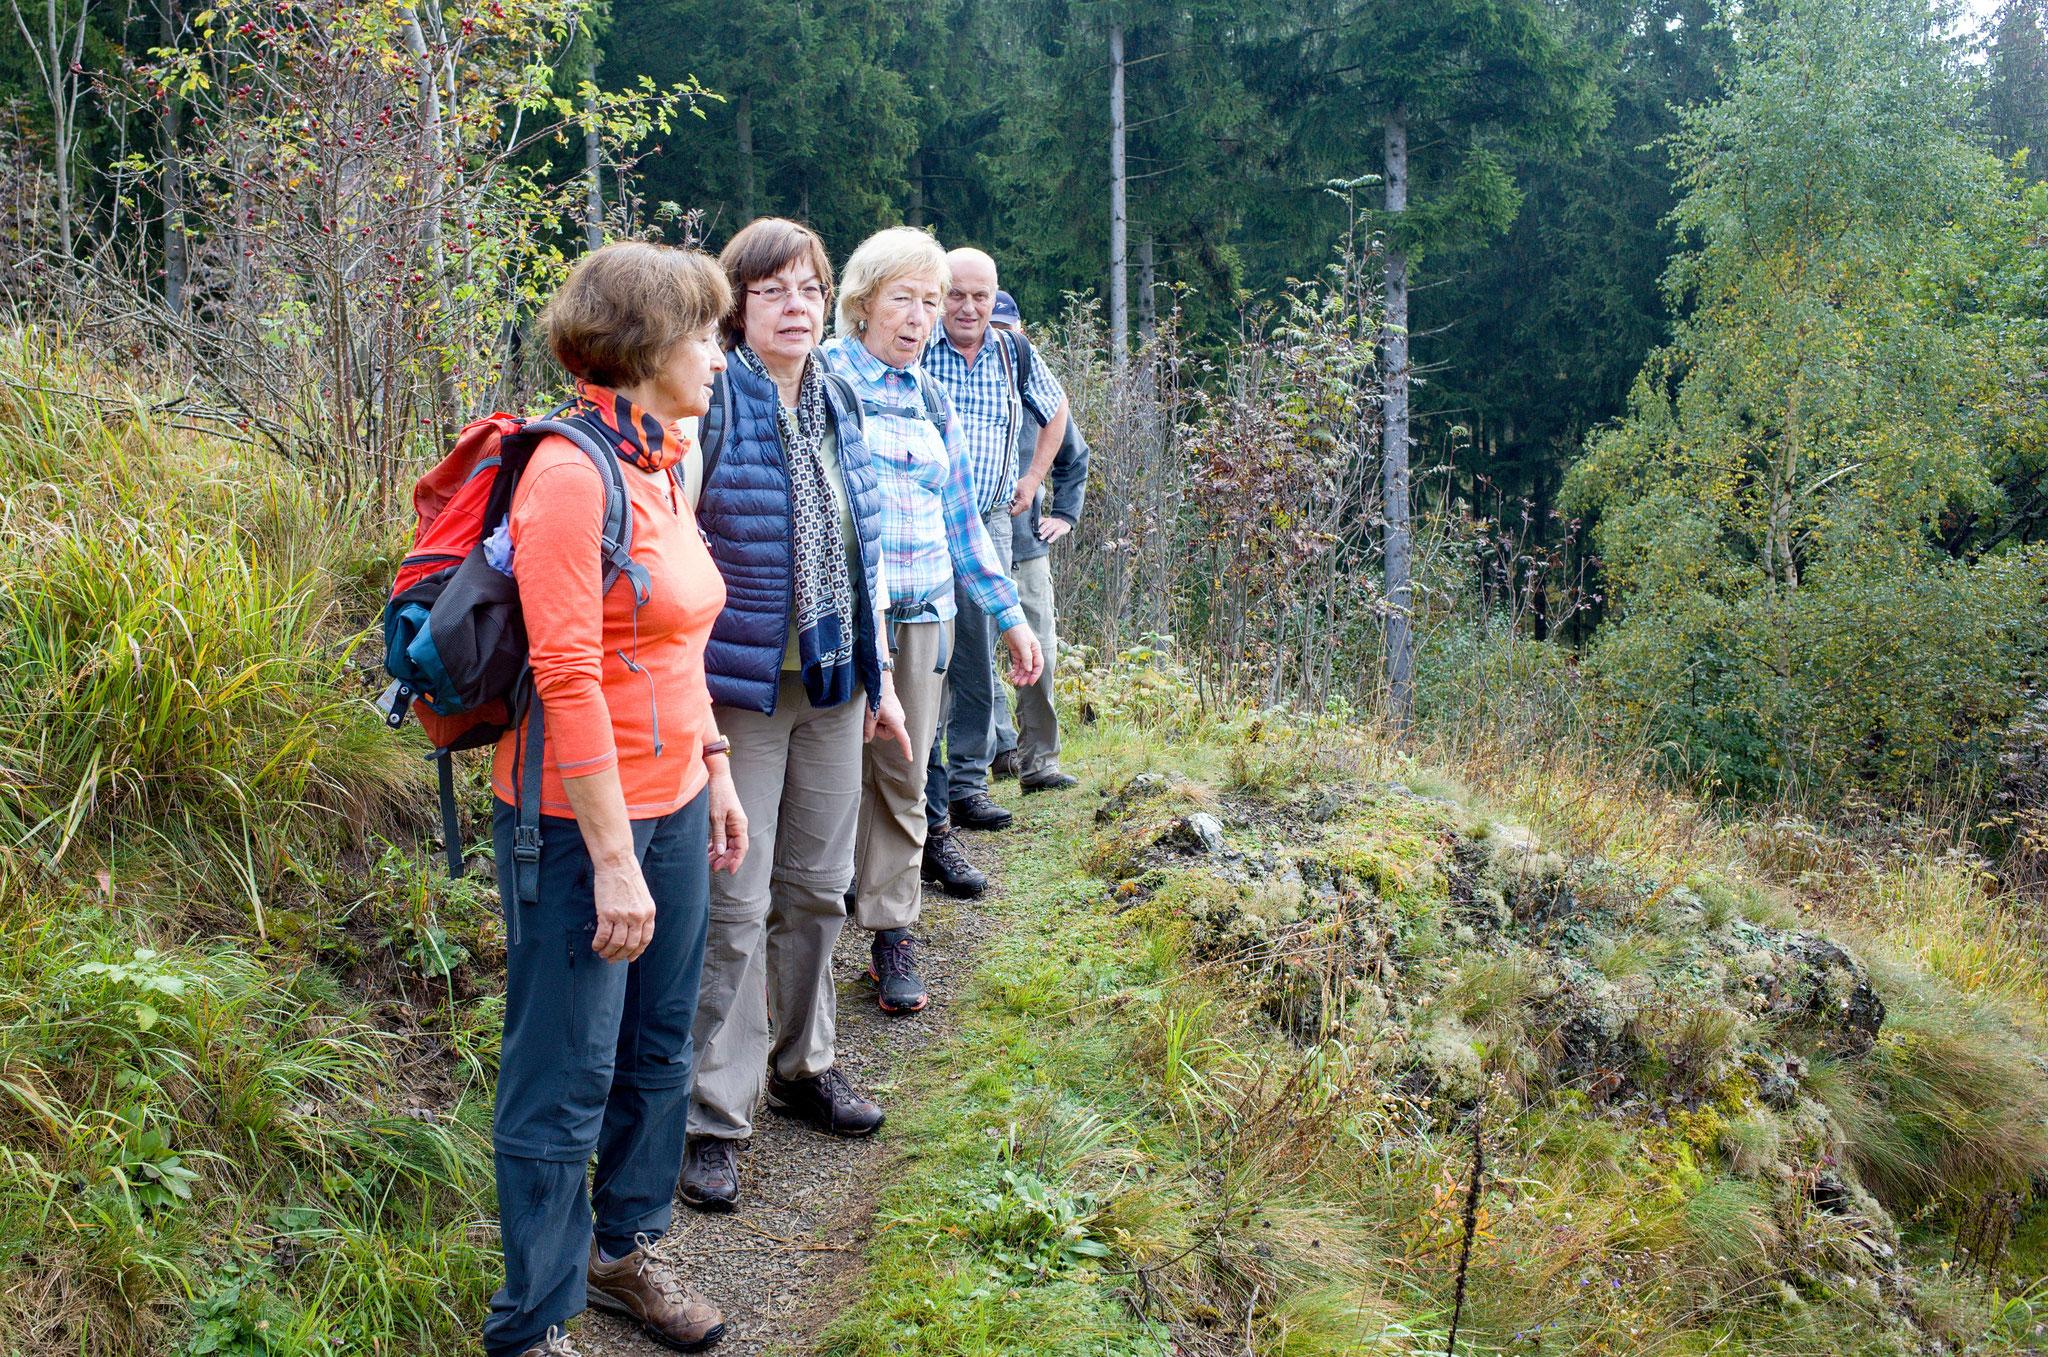 Harzüberquerung vom 24.09.-29.09.2017: Bodetal